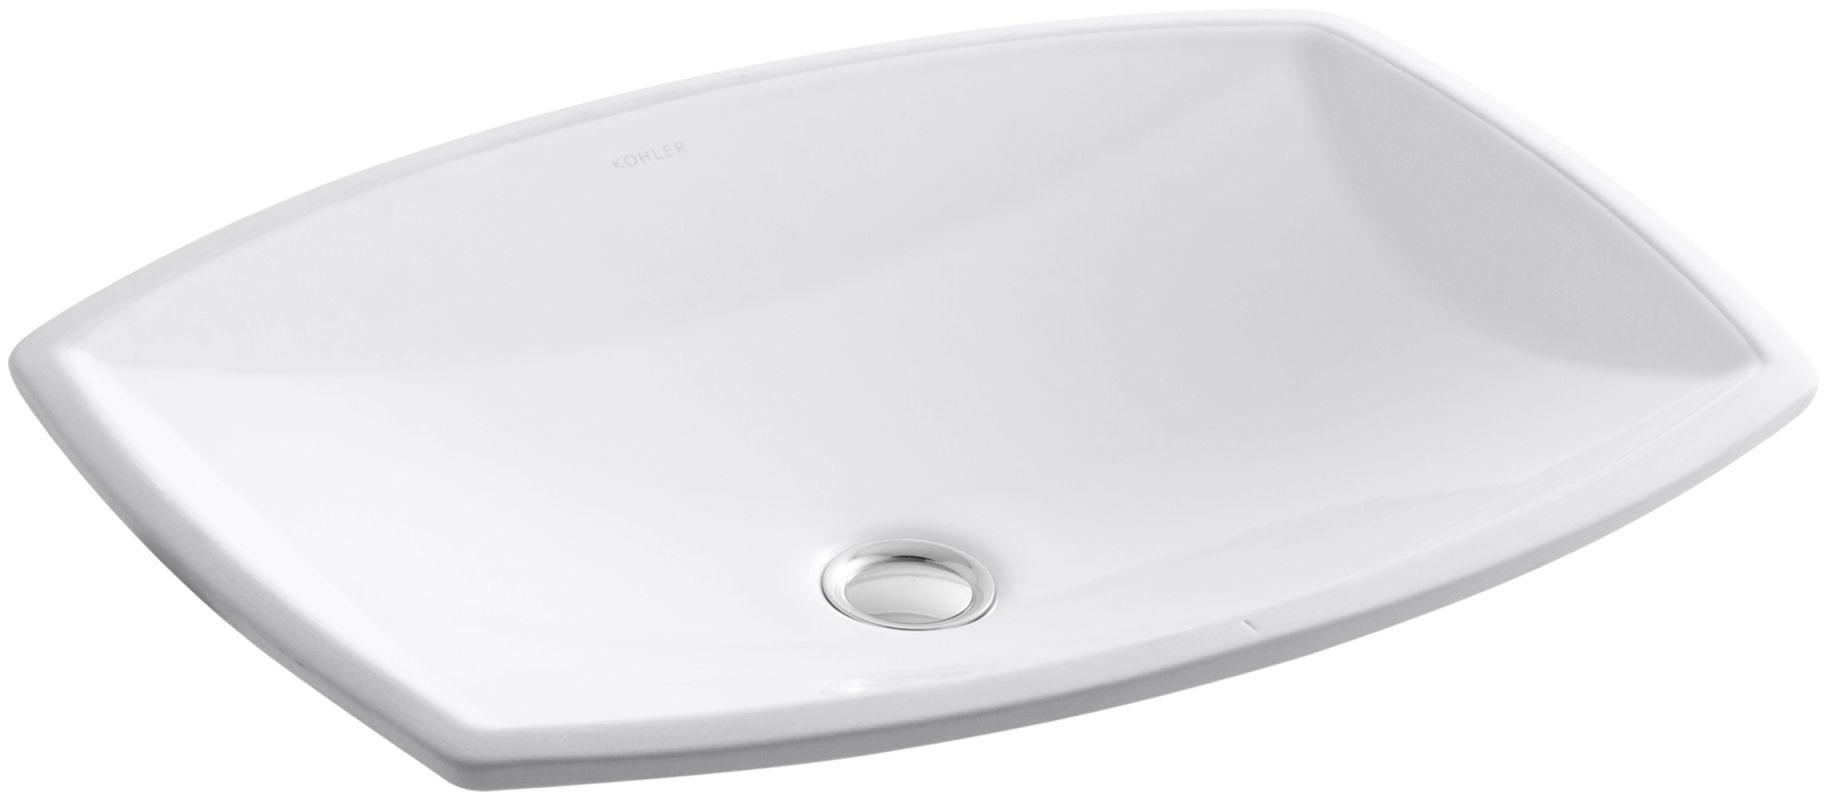 Www Kohler Com Usa : Kohler Sink - USA Page 2